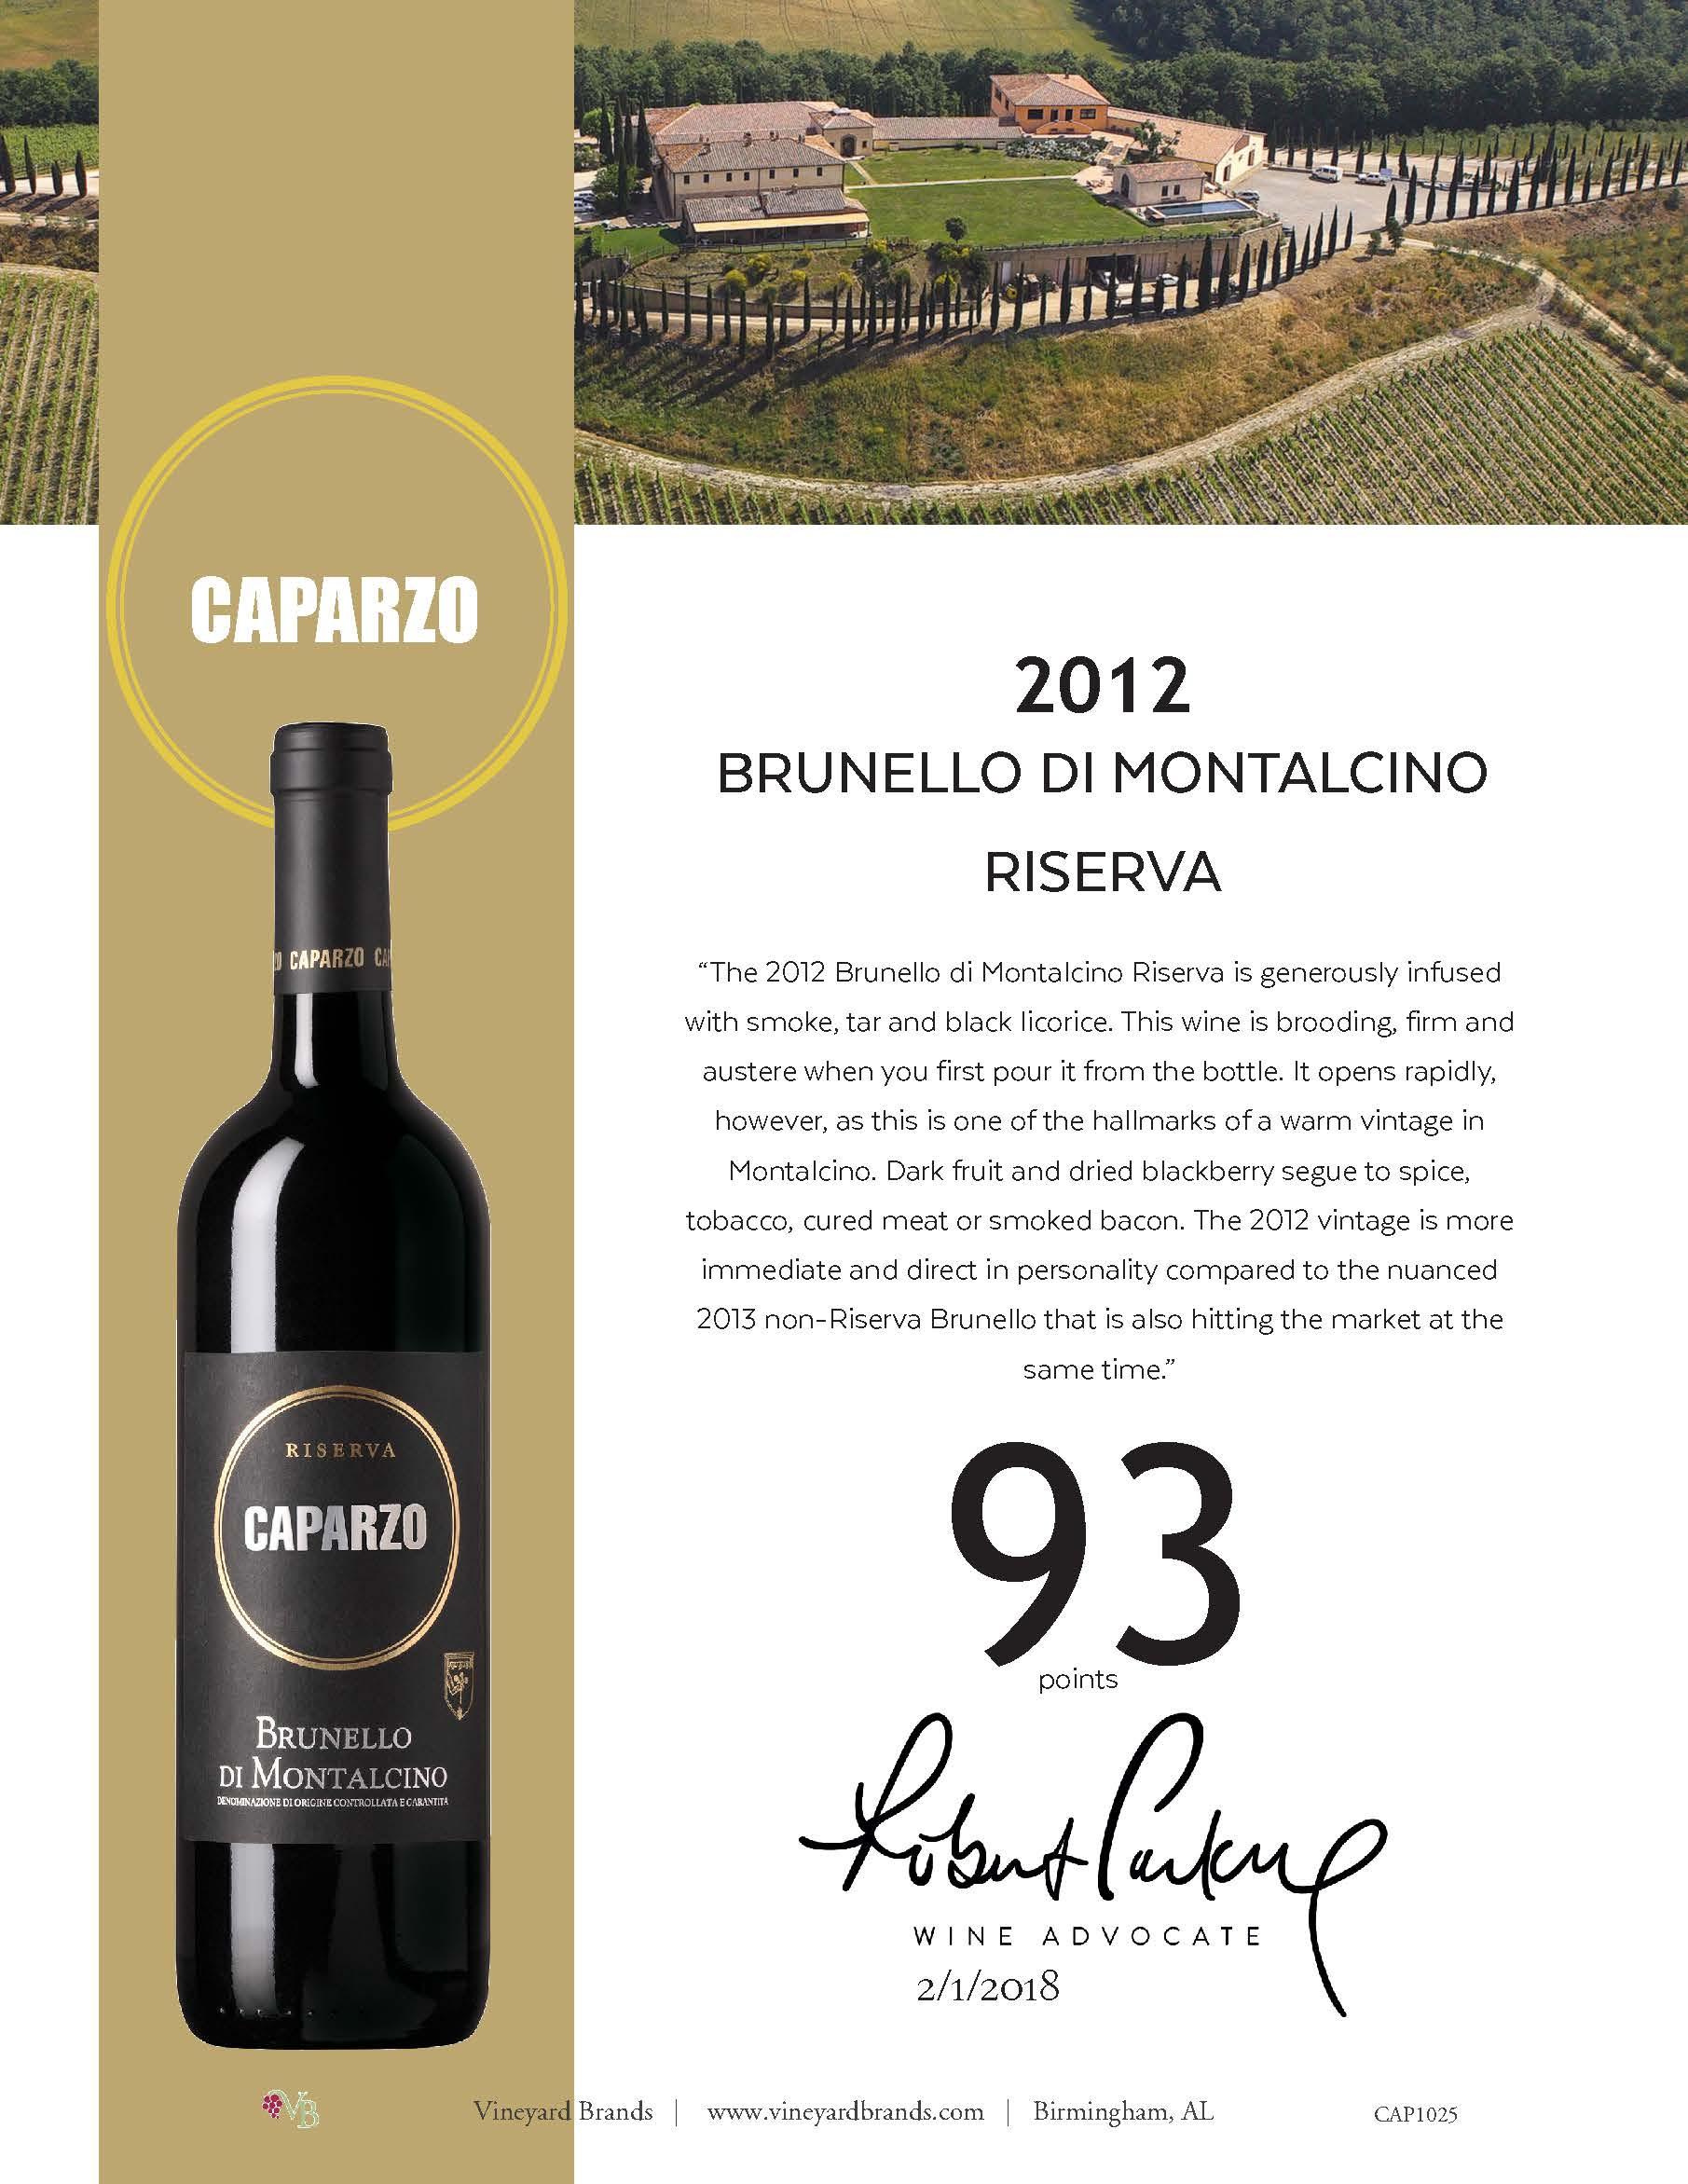 Caparzo Brunello di Montalcino Riserva 2012.jpg